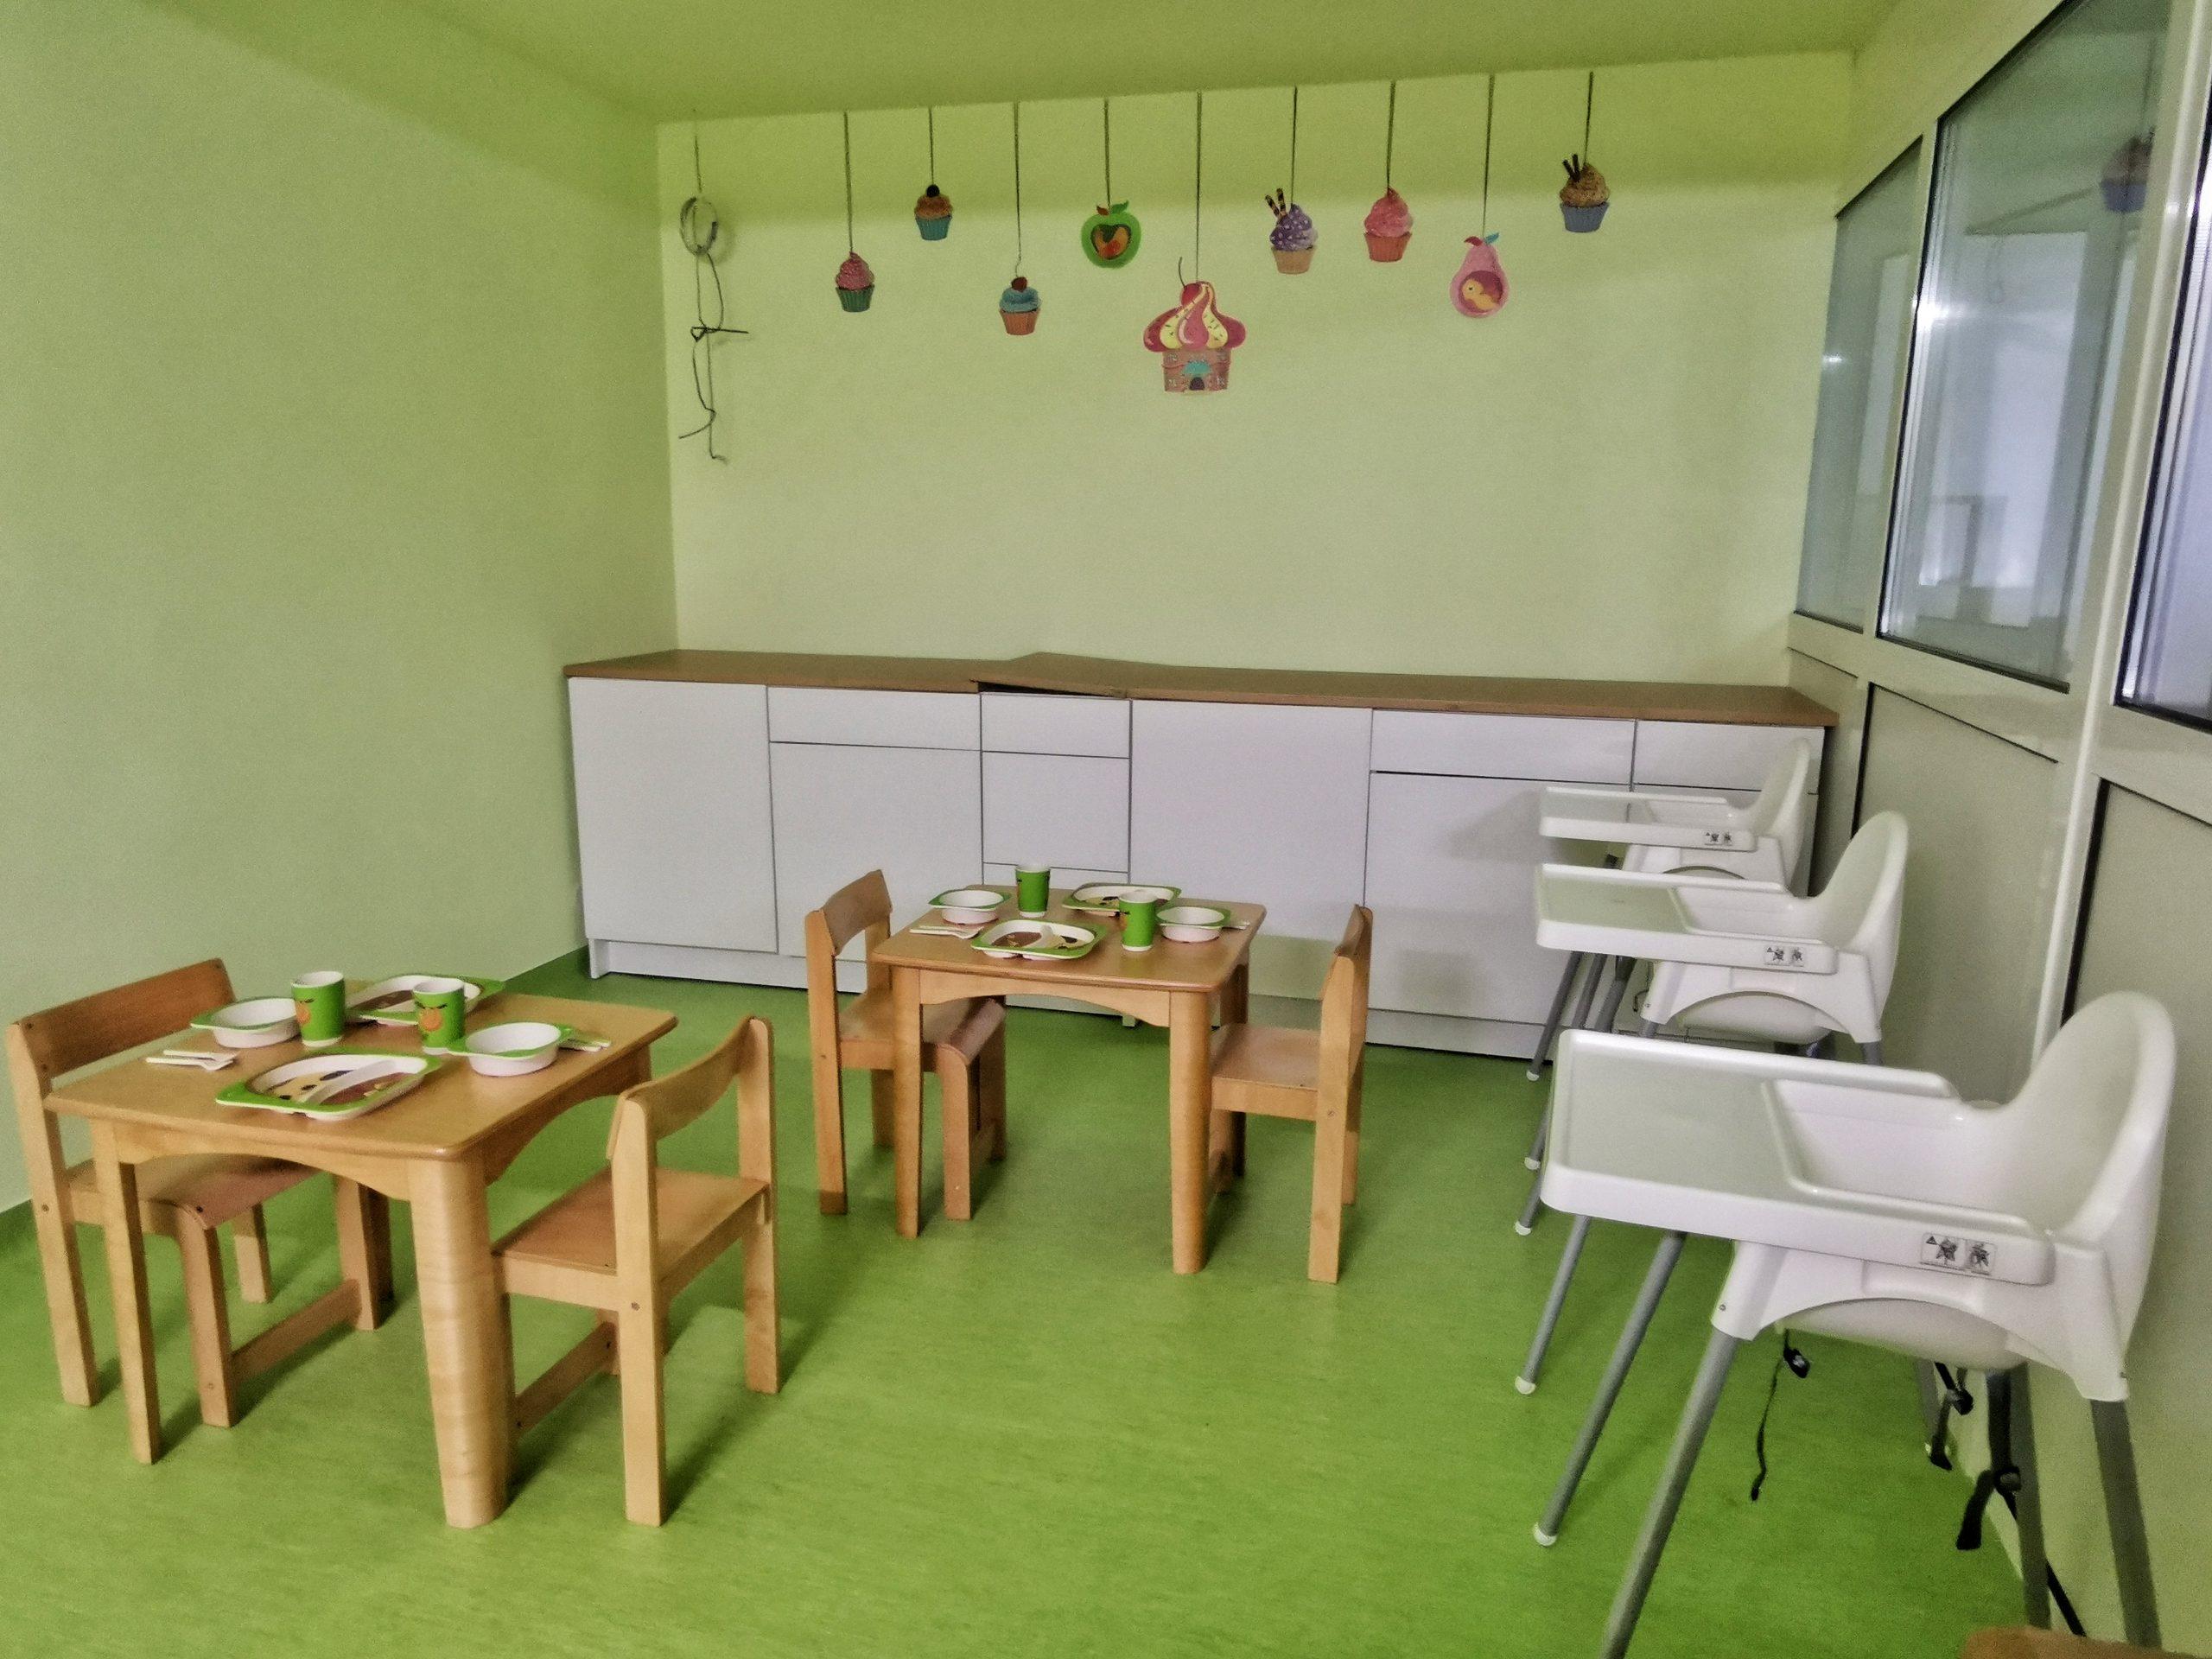 Centru Educațional Grădiniță Sala Masă Alimentație Sănătoasă